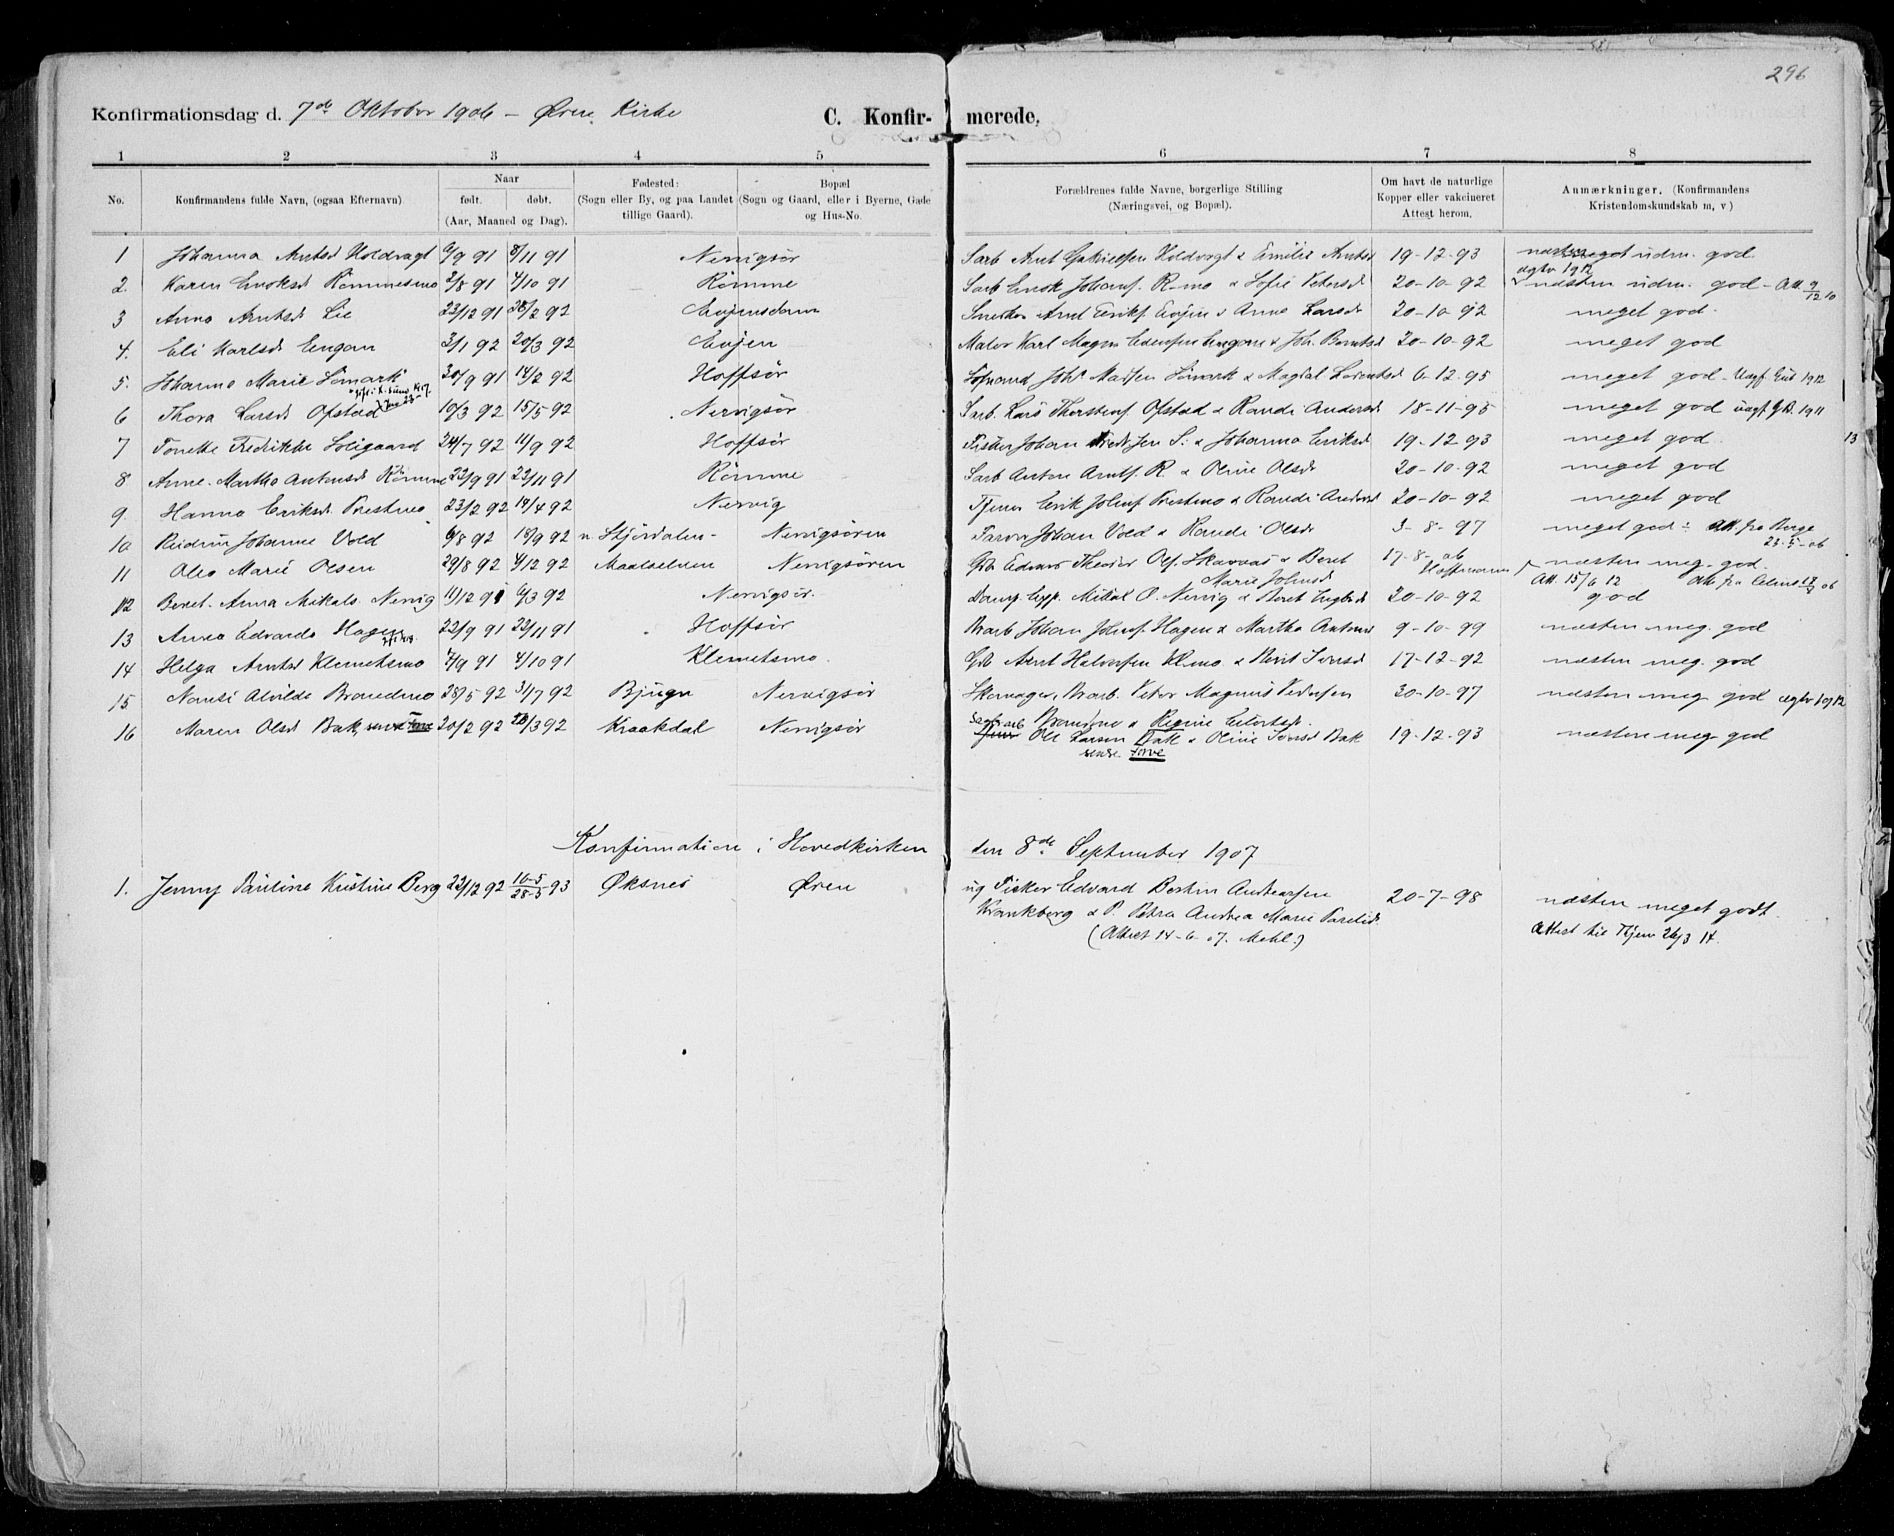 SAT, Ministerialprotokoller, klokkerbøker og fødselsregistre - Sør-Trøndelag, 668/L0811: Ministerialbok nr. 668A11, 1894-1913, s. 296